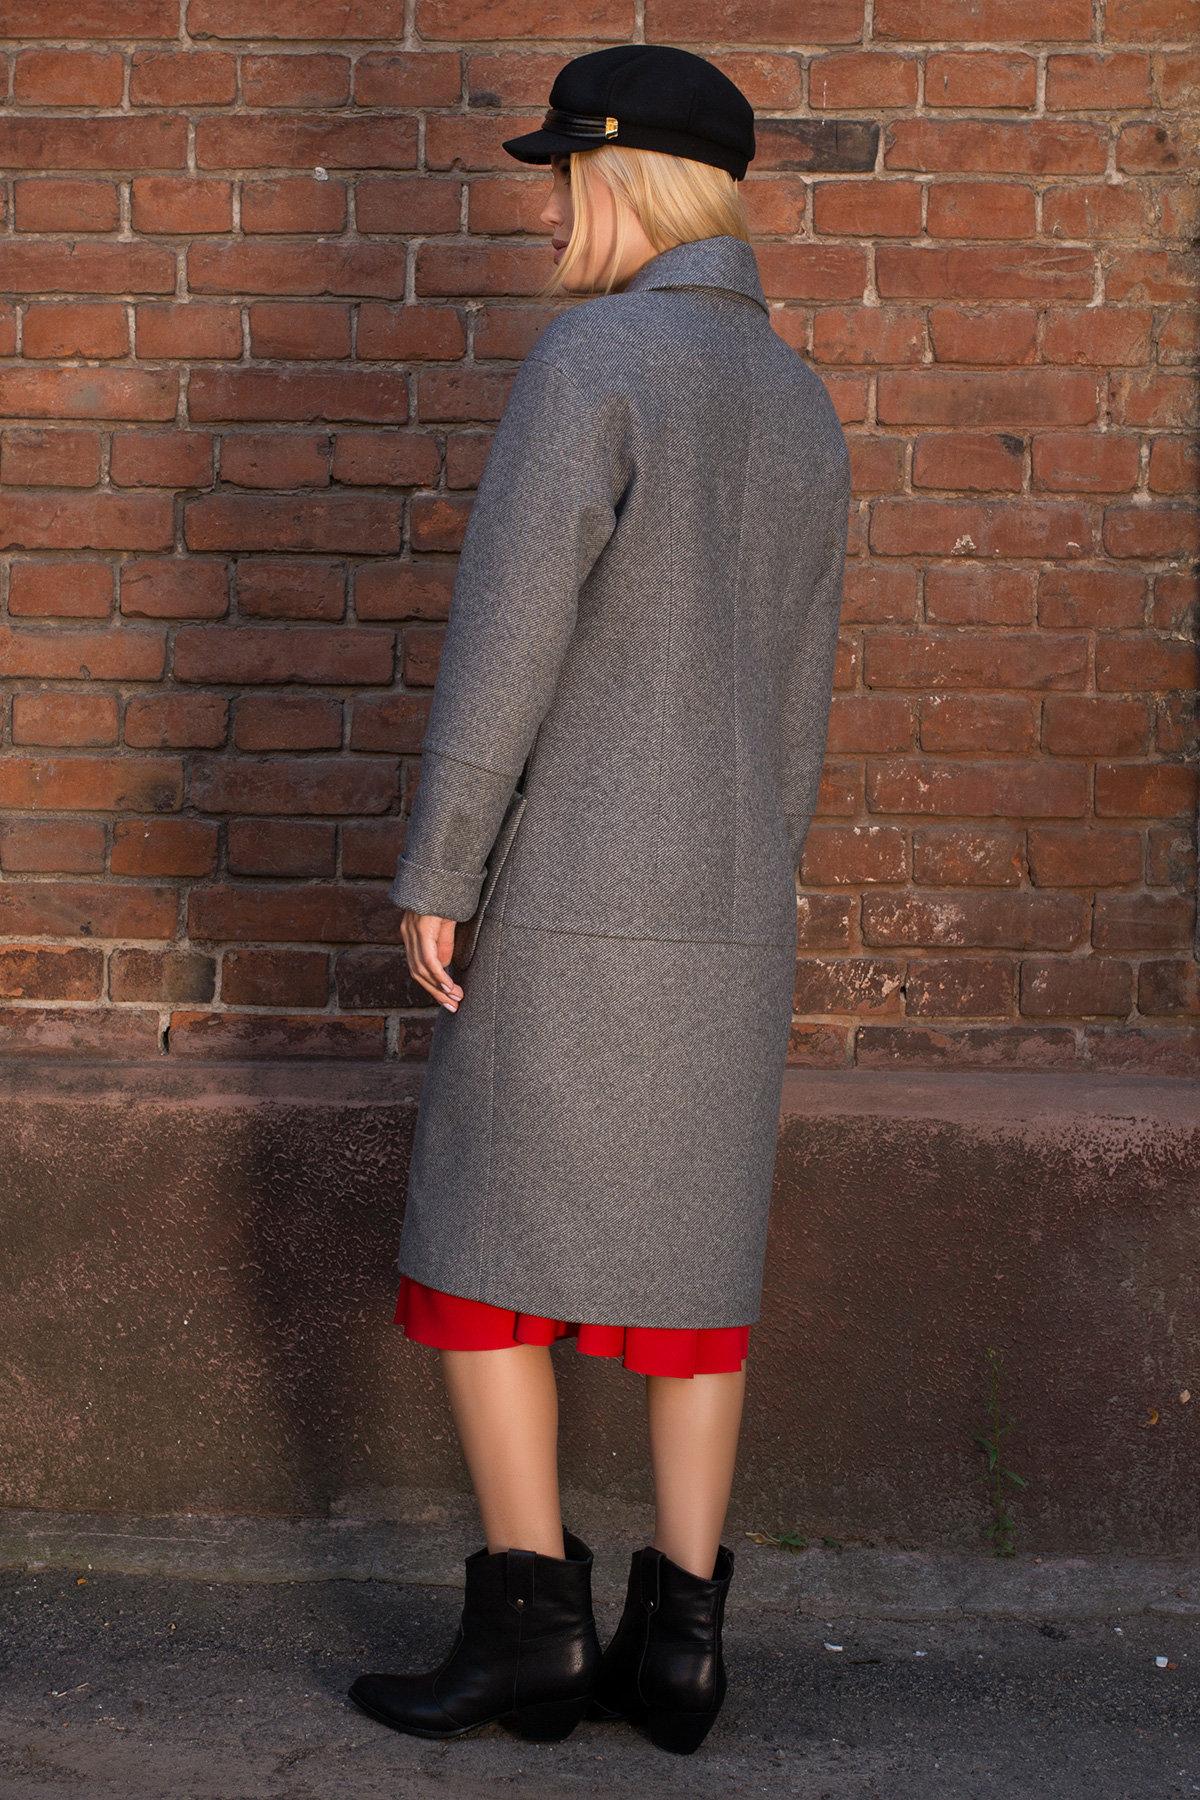 Пальто демисезонное миди Тала 7902 АРТ. 43858 Цвет: Серый - фото 3, интернет магазин tm-modus.ru